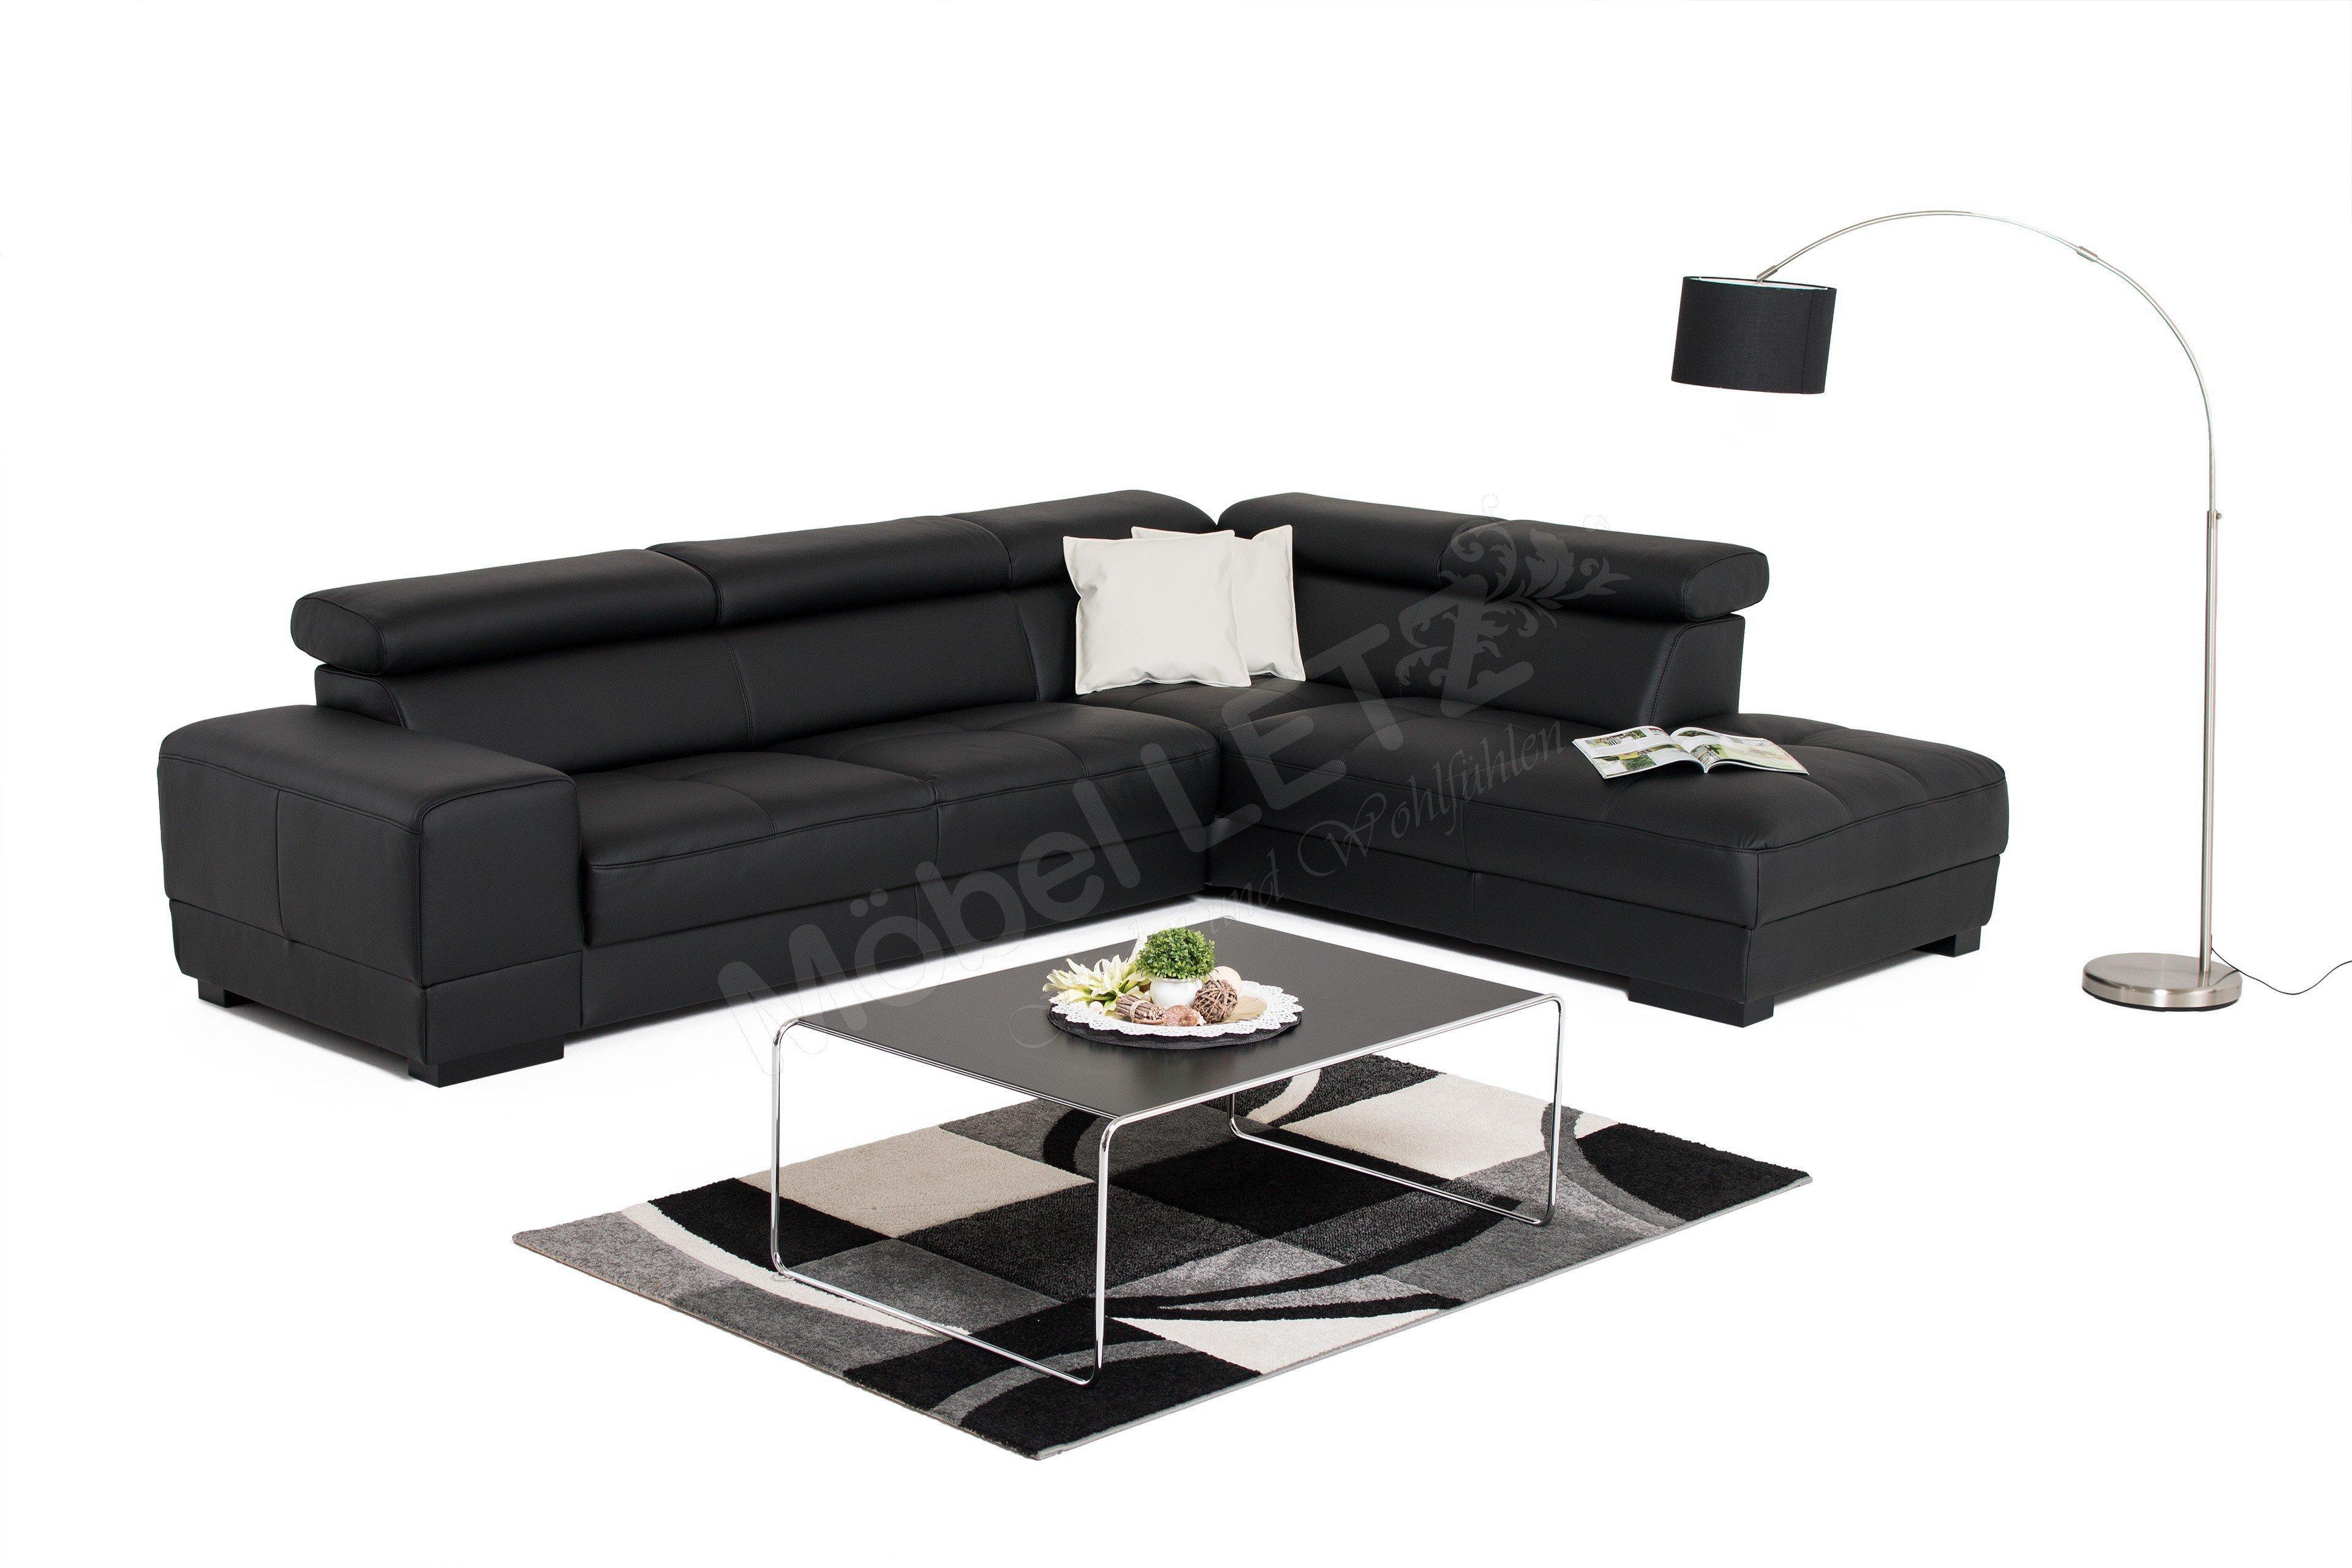 online moebel kaufen amazing modena von sprenger mbel esstisch aus with online moebel kaufen. Black Bedroom Furniture Sets. Home Design Ideas